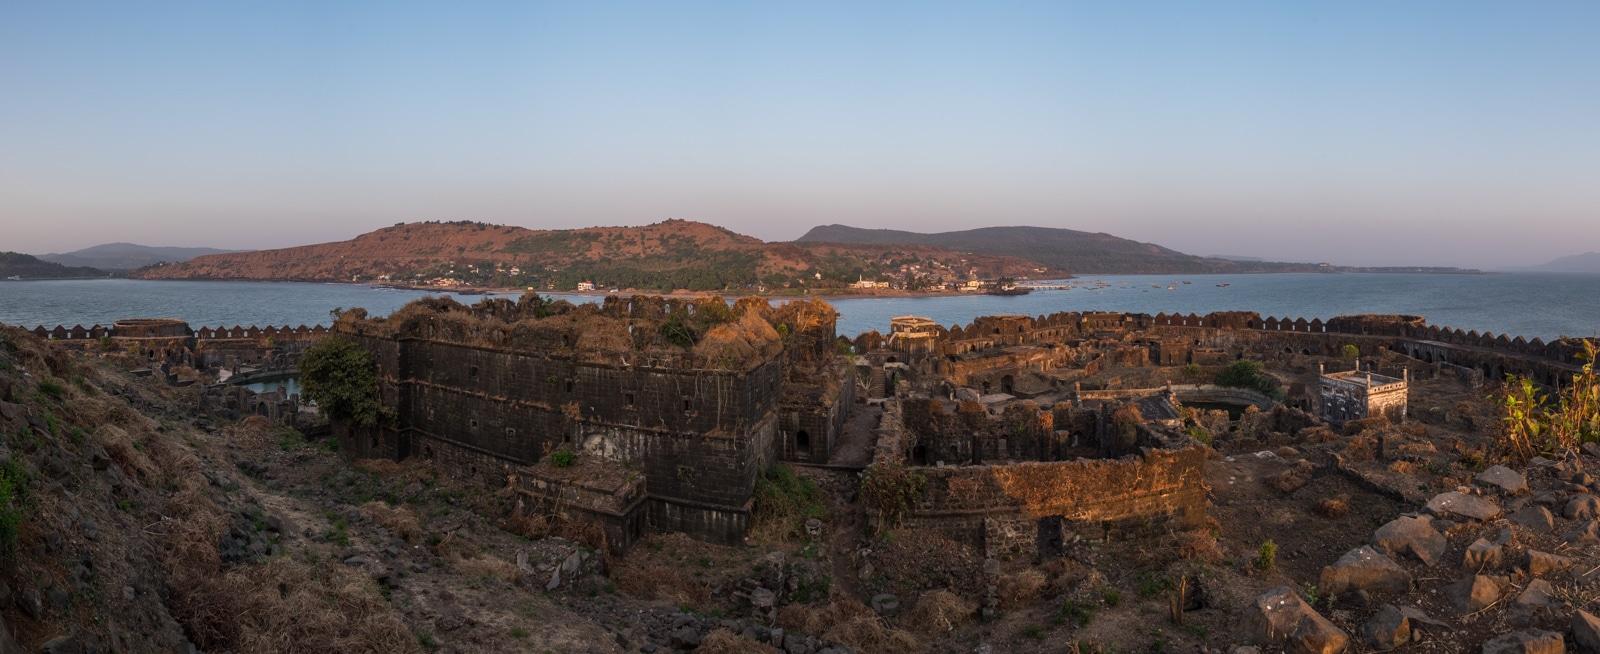 Murud Janjira fort panorama